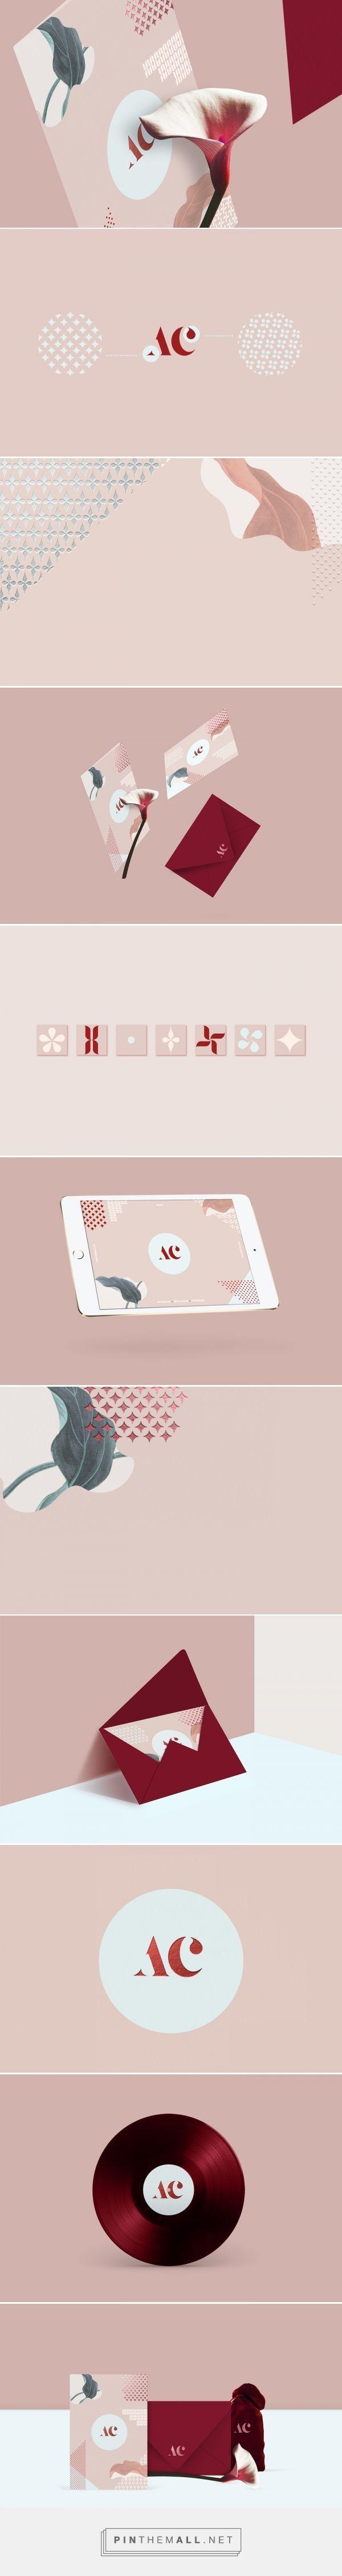 Maria Hdez在Behance上的AC品牌推广五星品牌 - 设计和品牌代理和灵感画廊